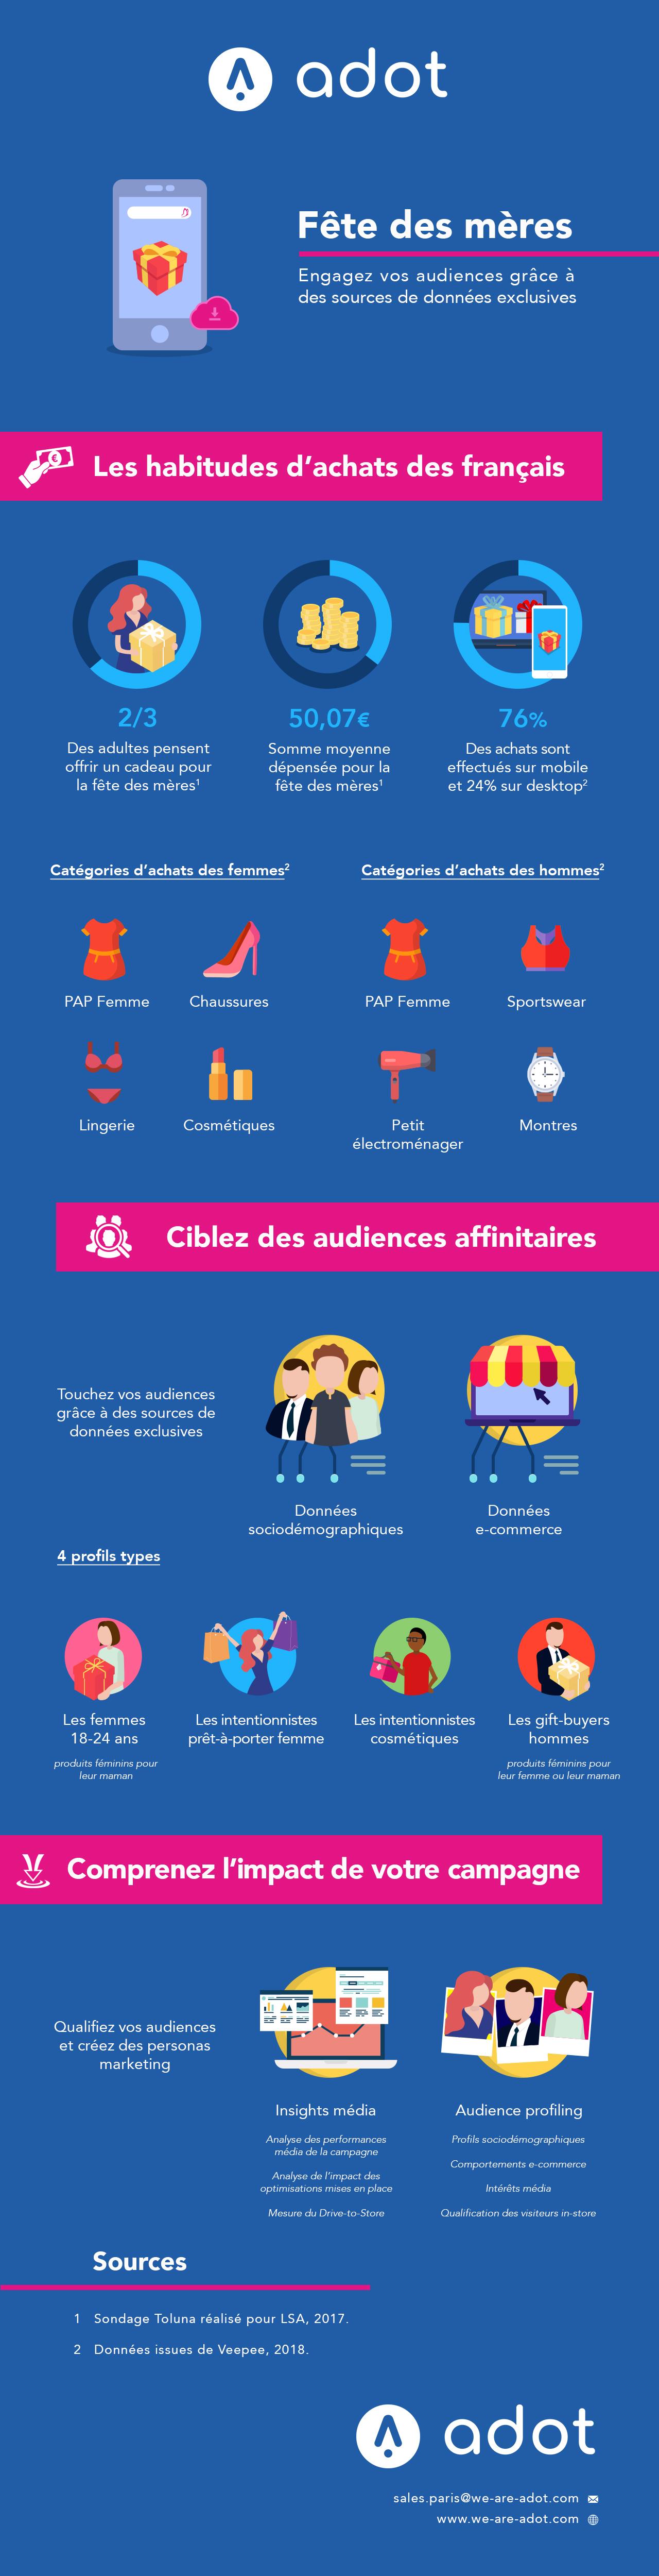 Infographie d'Adot à l'occasion de la fête des mères 2019